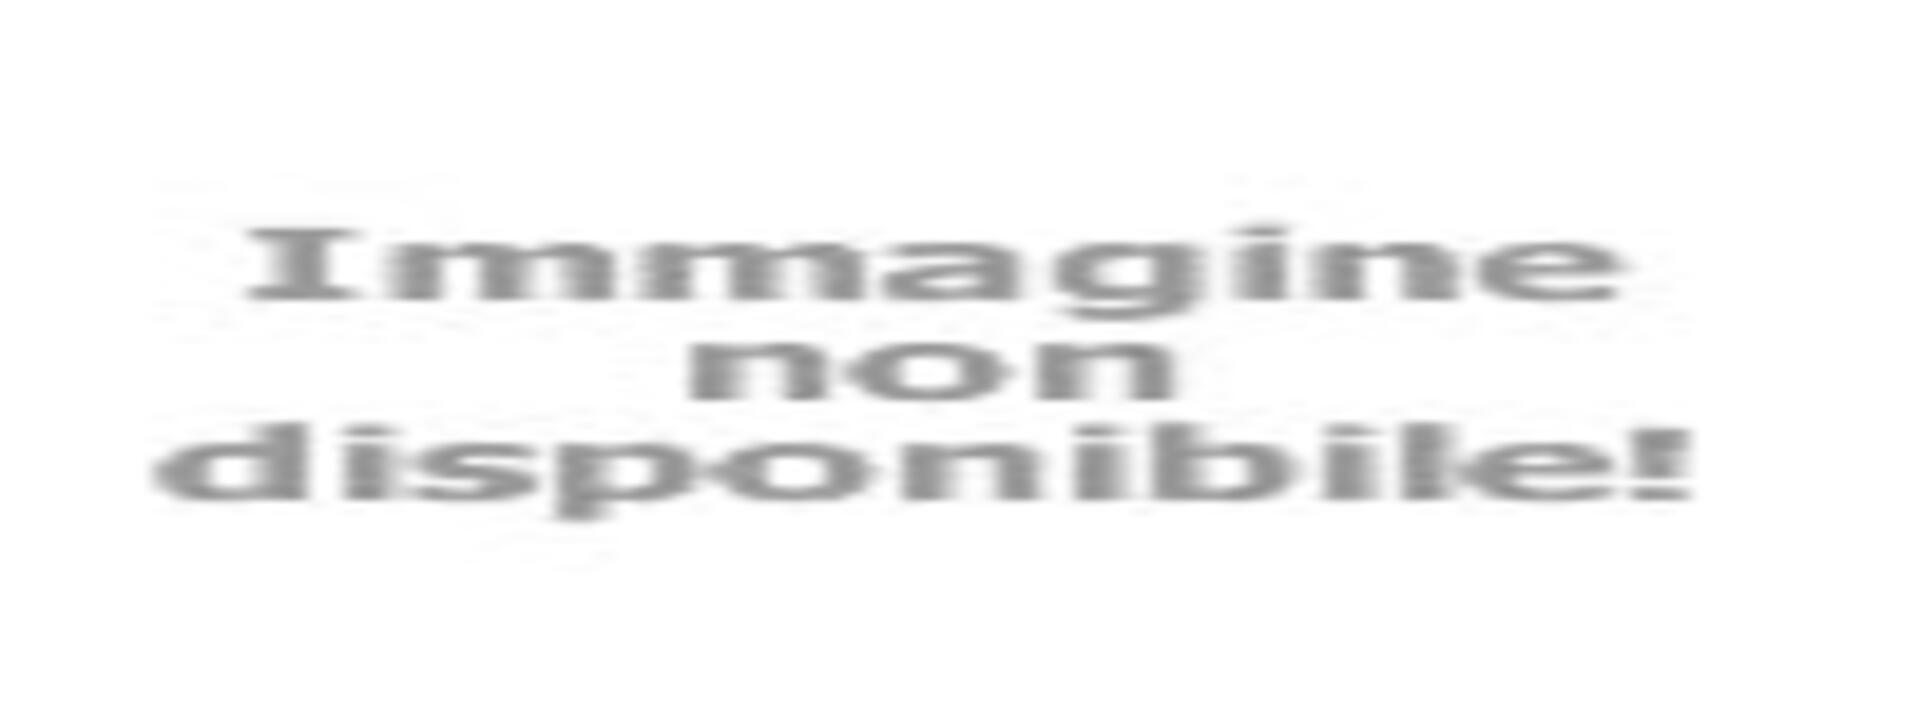 sangregorioresidencehotel fr restaurant-pienza 004